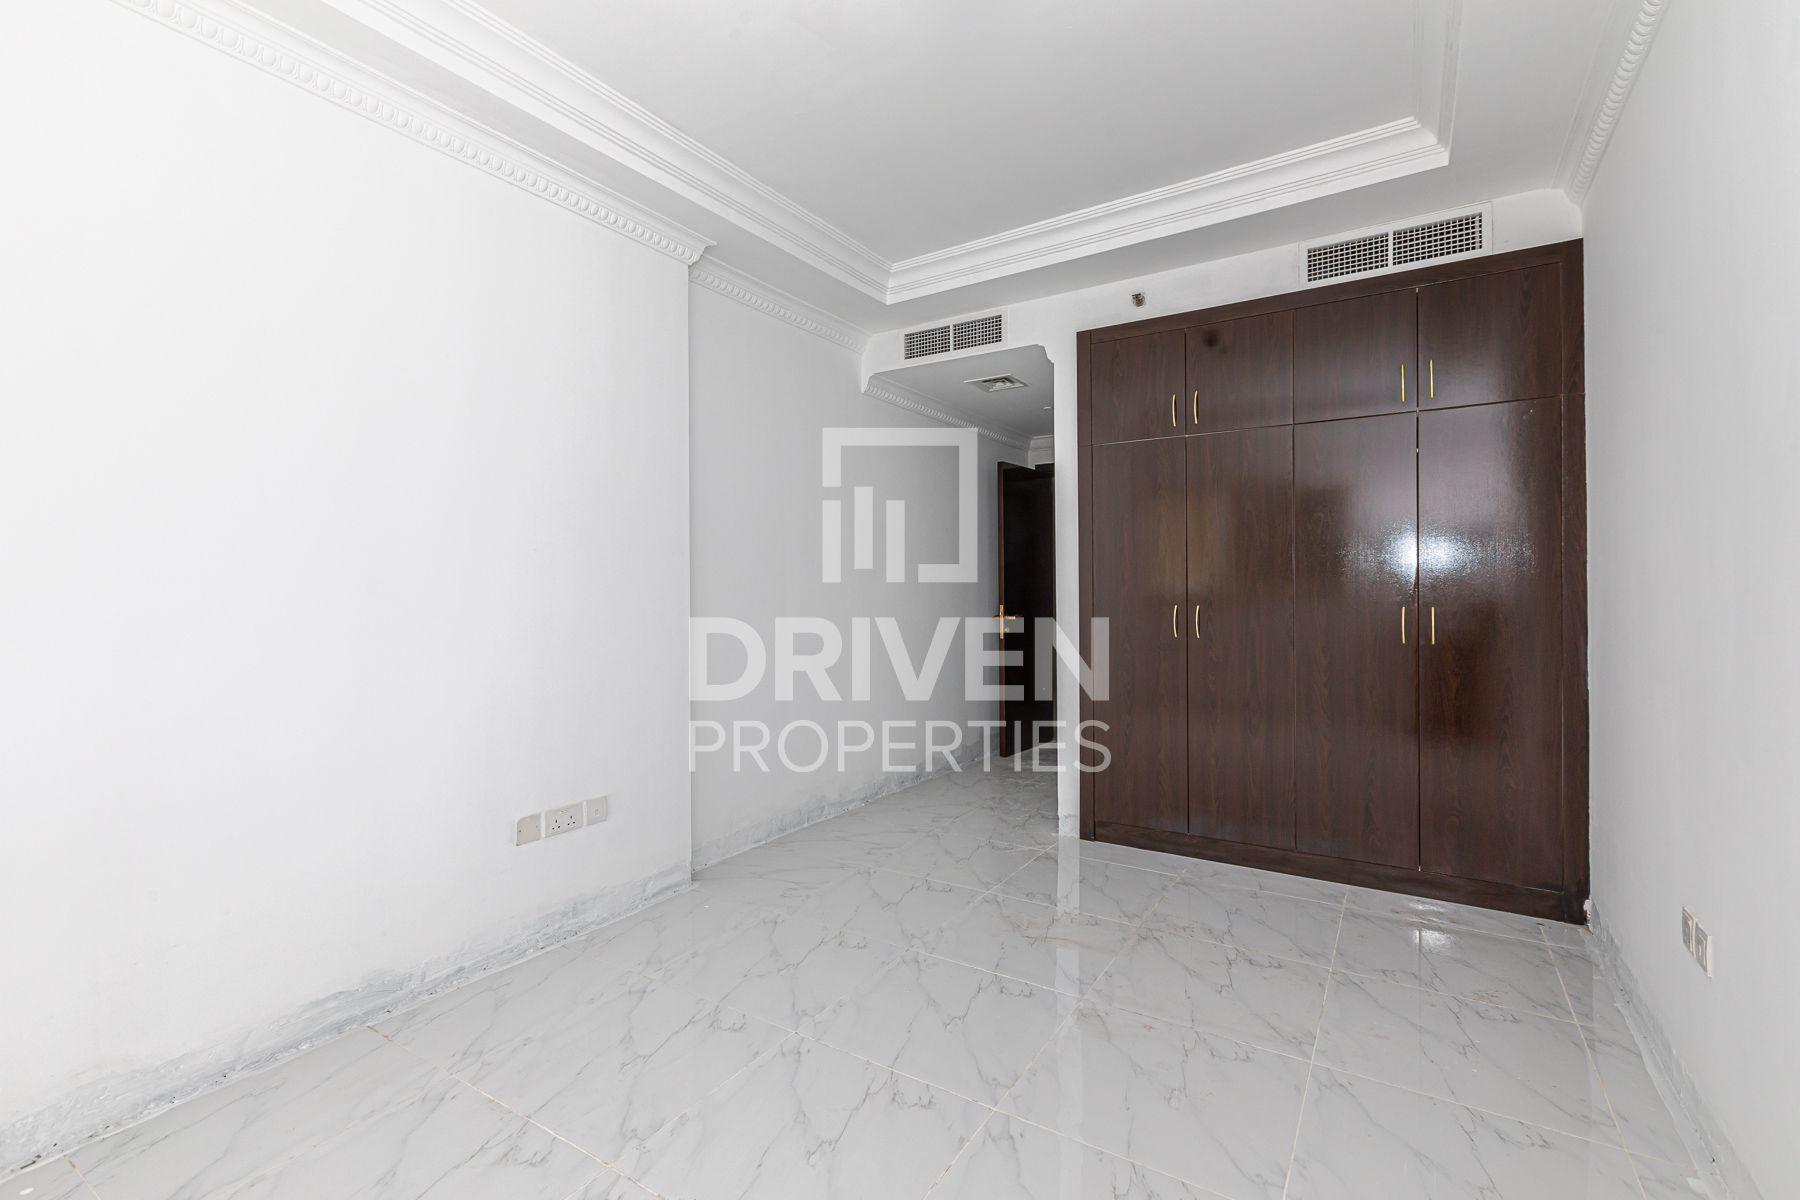 975 قدم مربع  شقة - للبيع - قرية الجميرا سركل